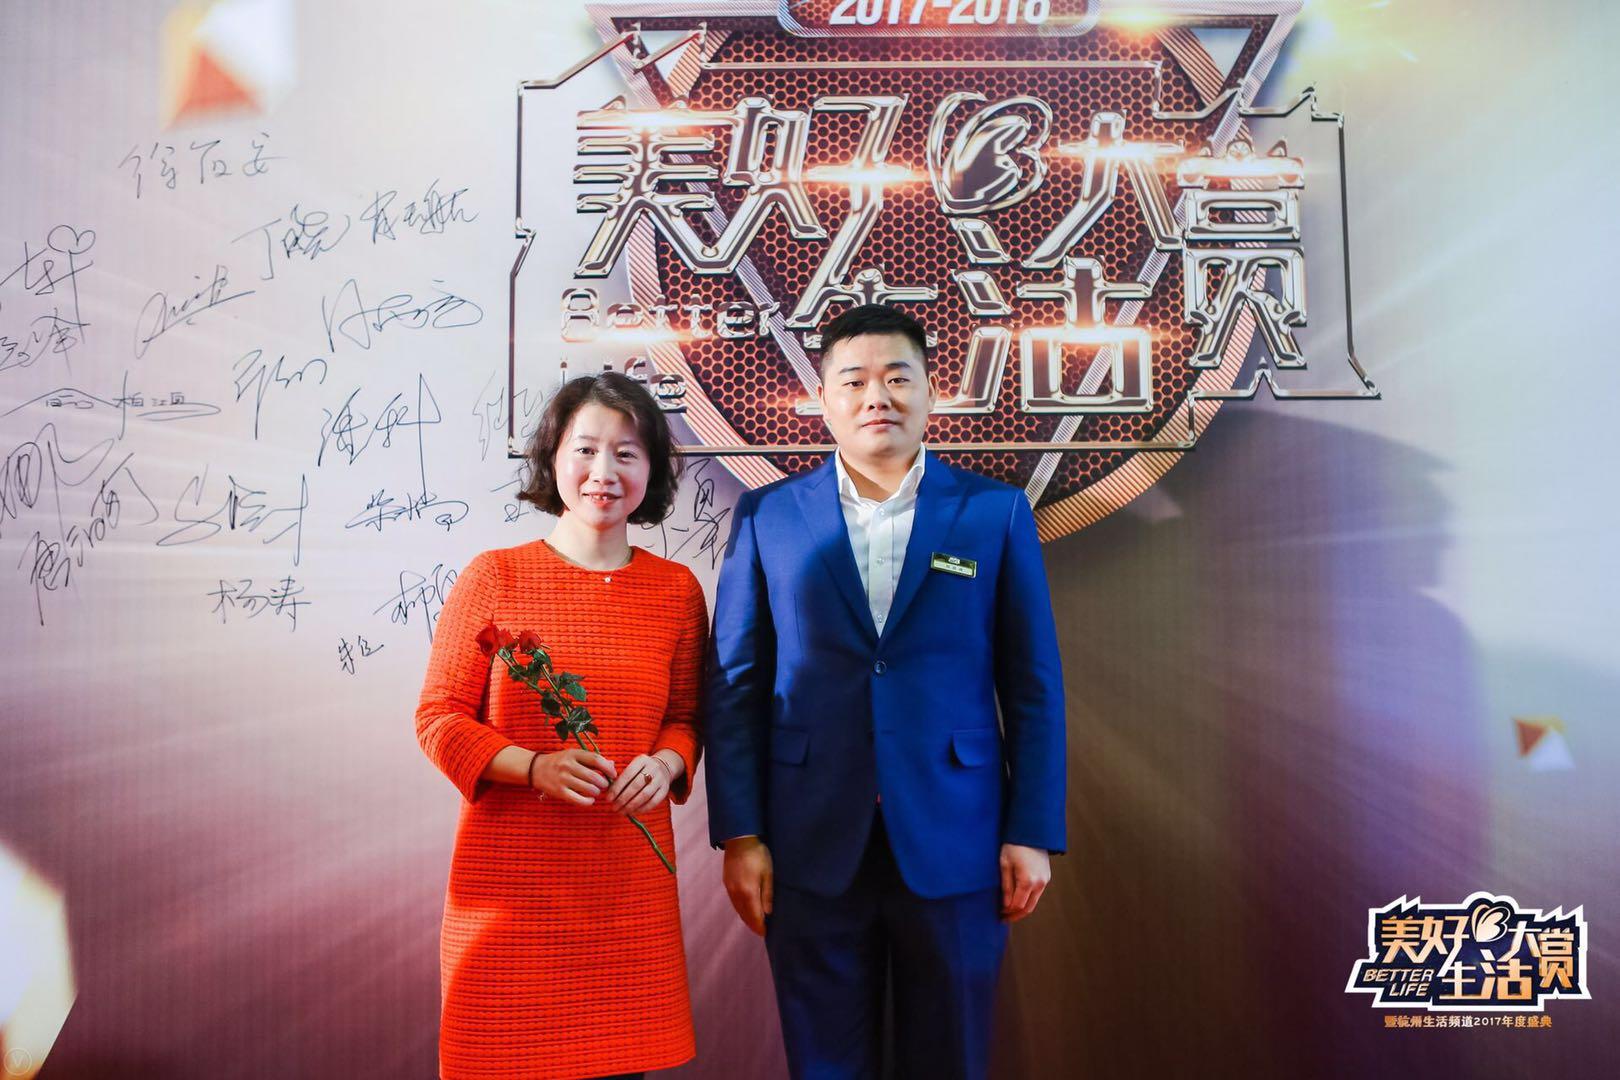 杭州台美好生活大赏 泛嘉国际董事长杨隐峰亮相红毯